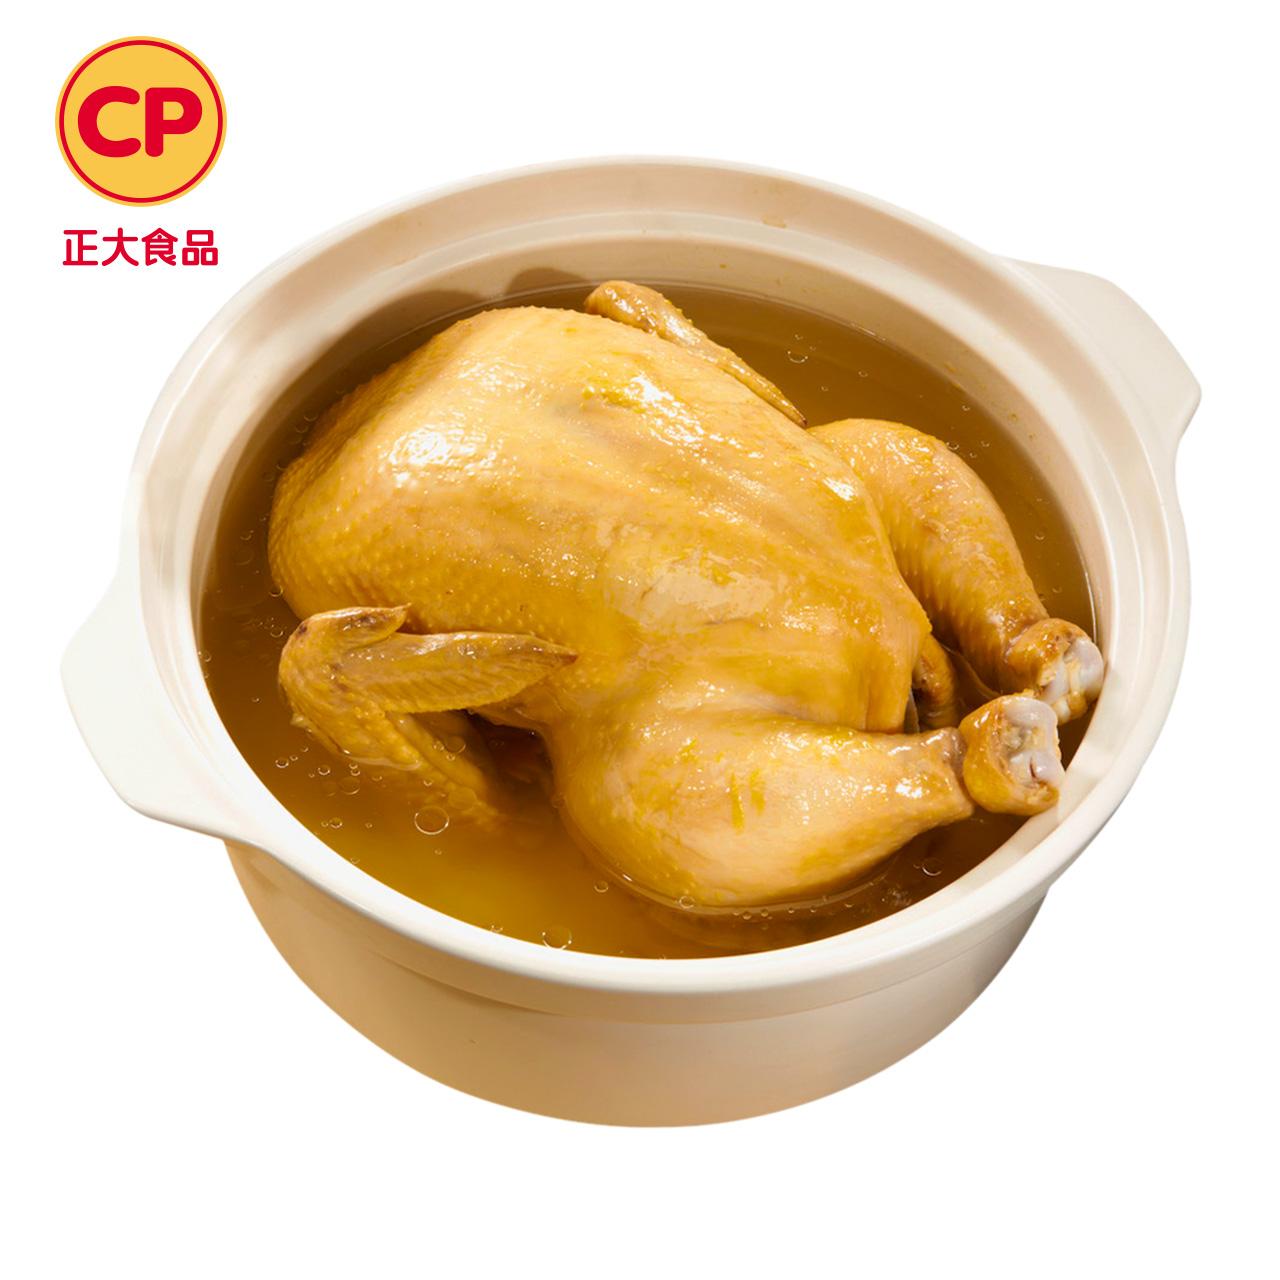 正大食品老母鸡 老鸡煲汤 1.4kg/只